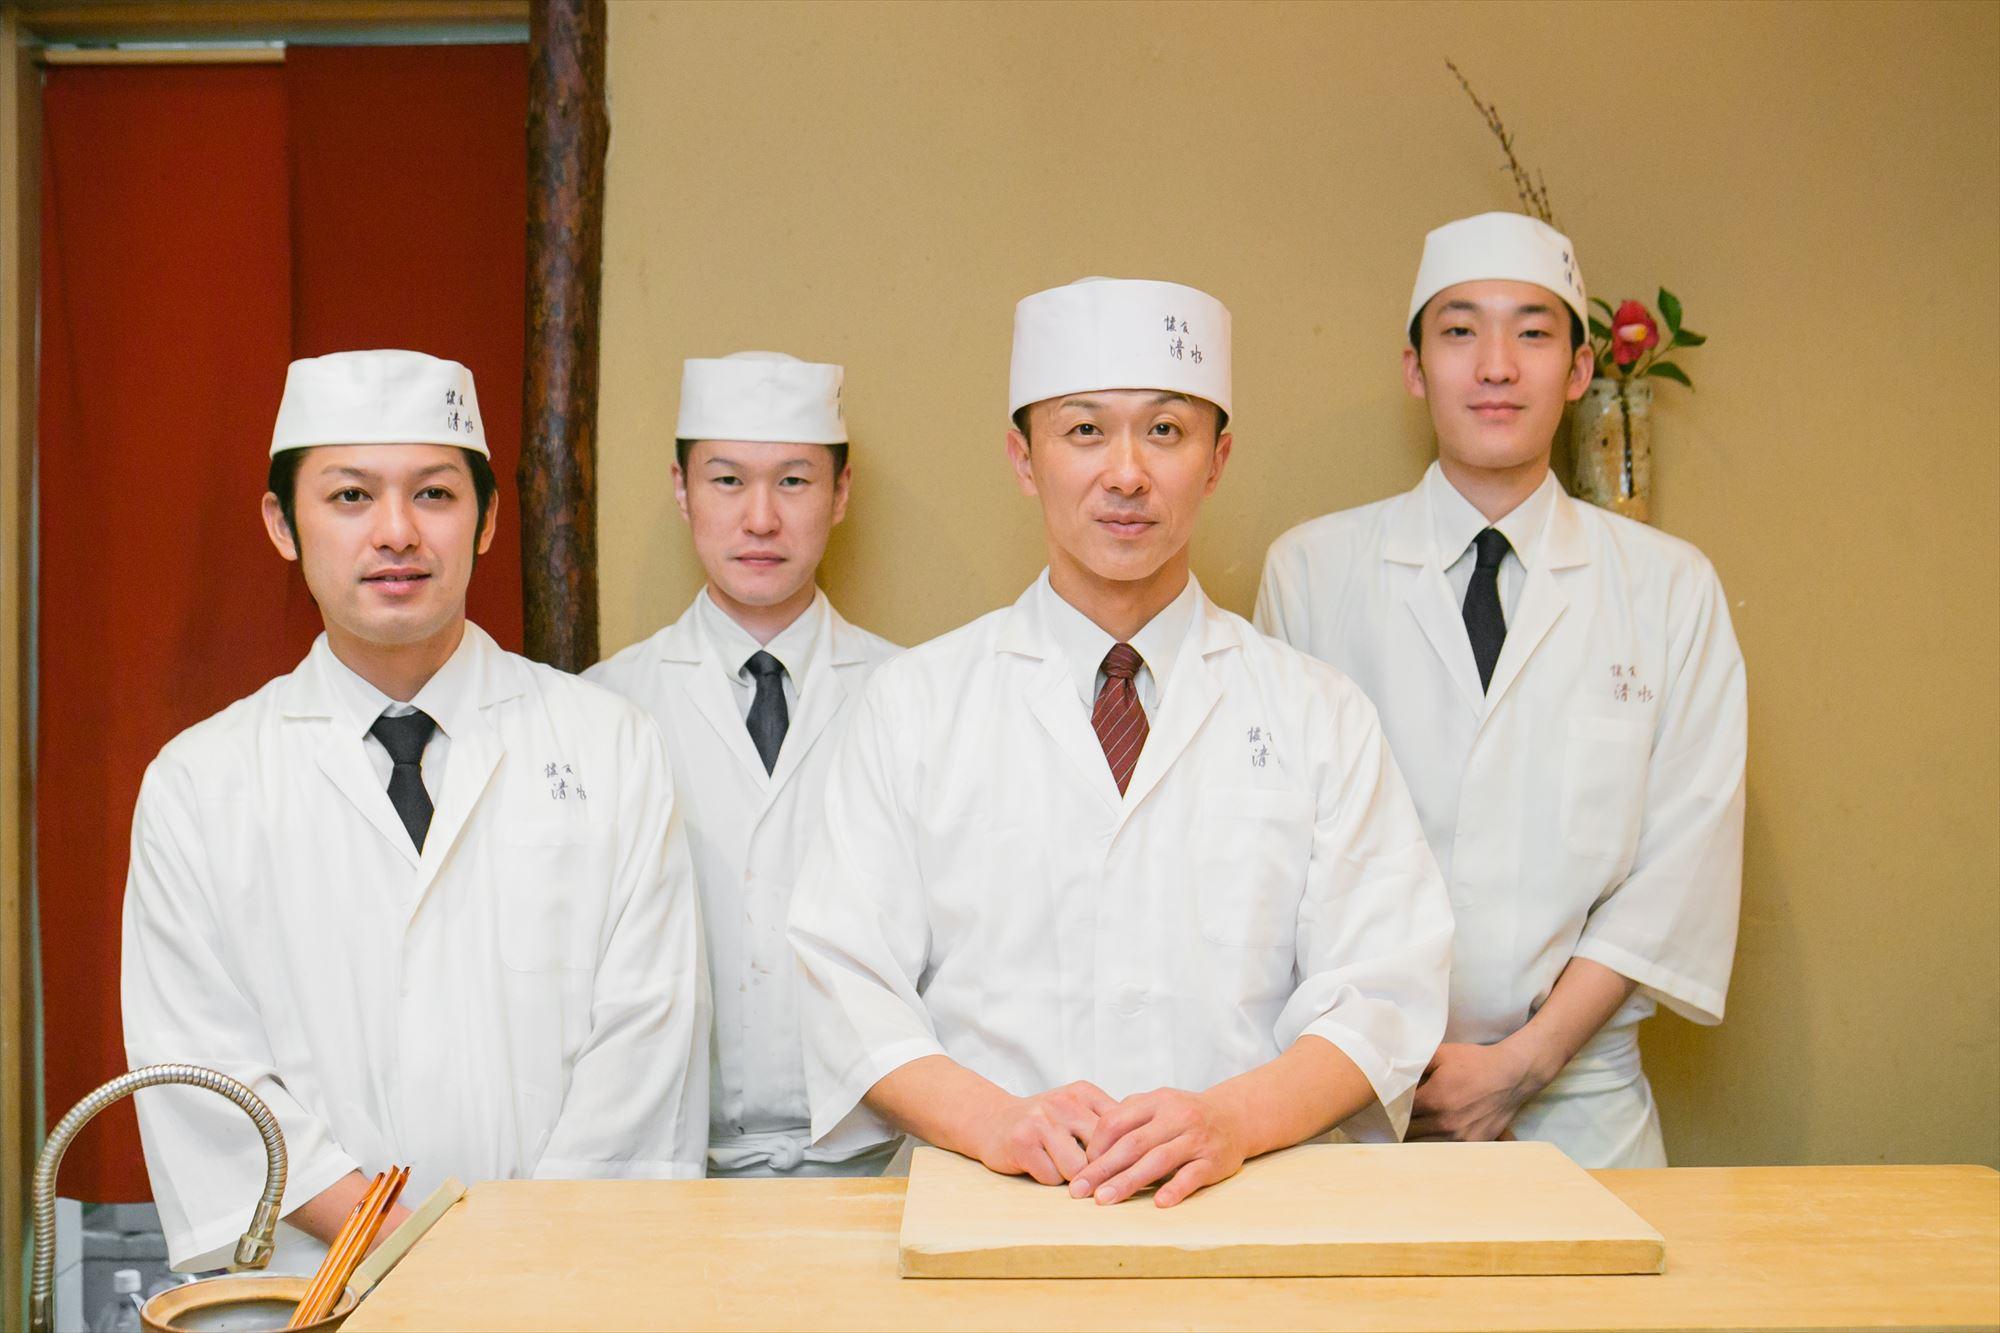 Kaishoku Shimizu Toshihiro Shimizu & staff